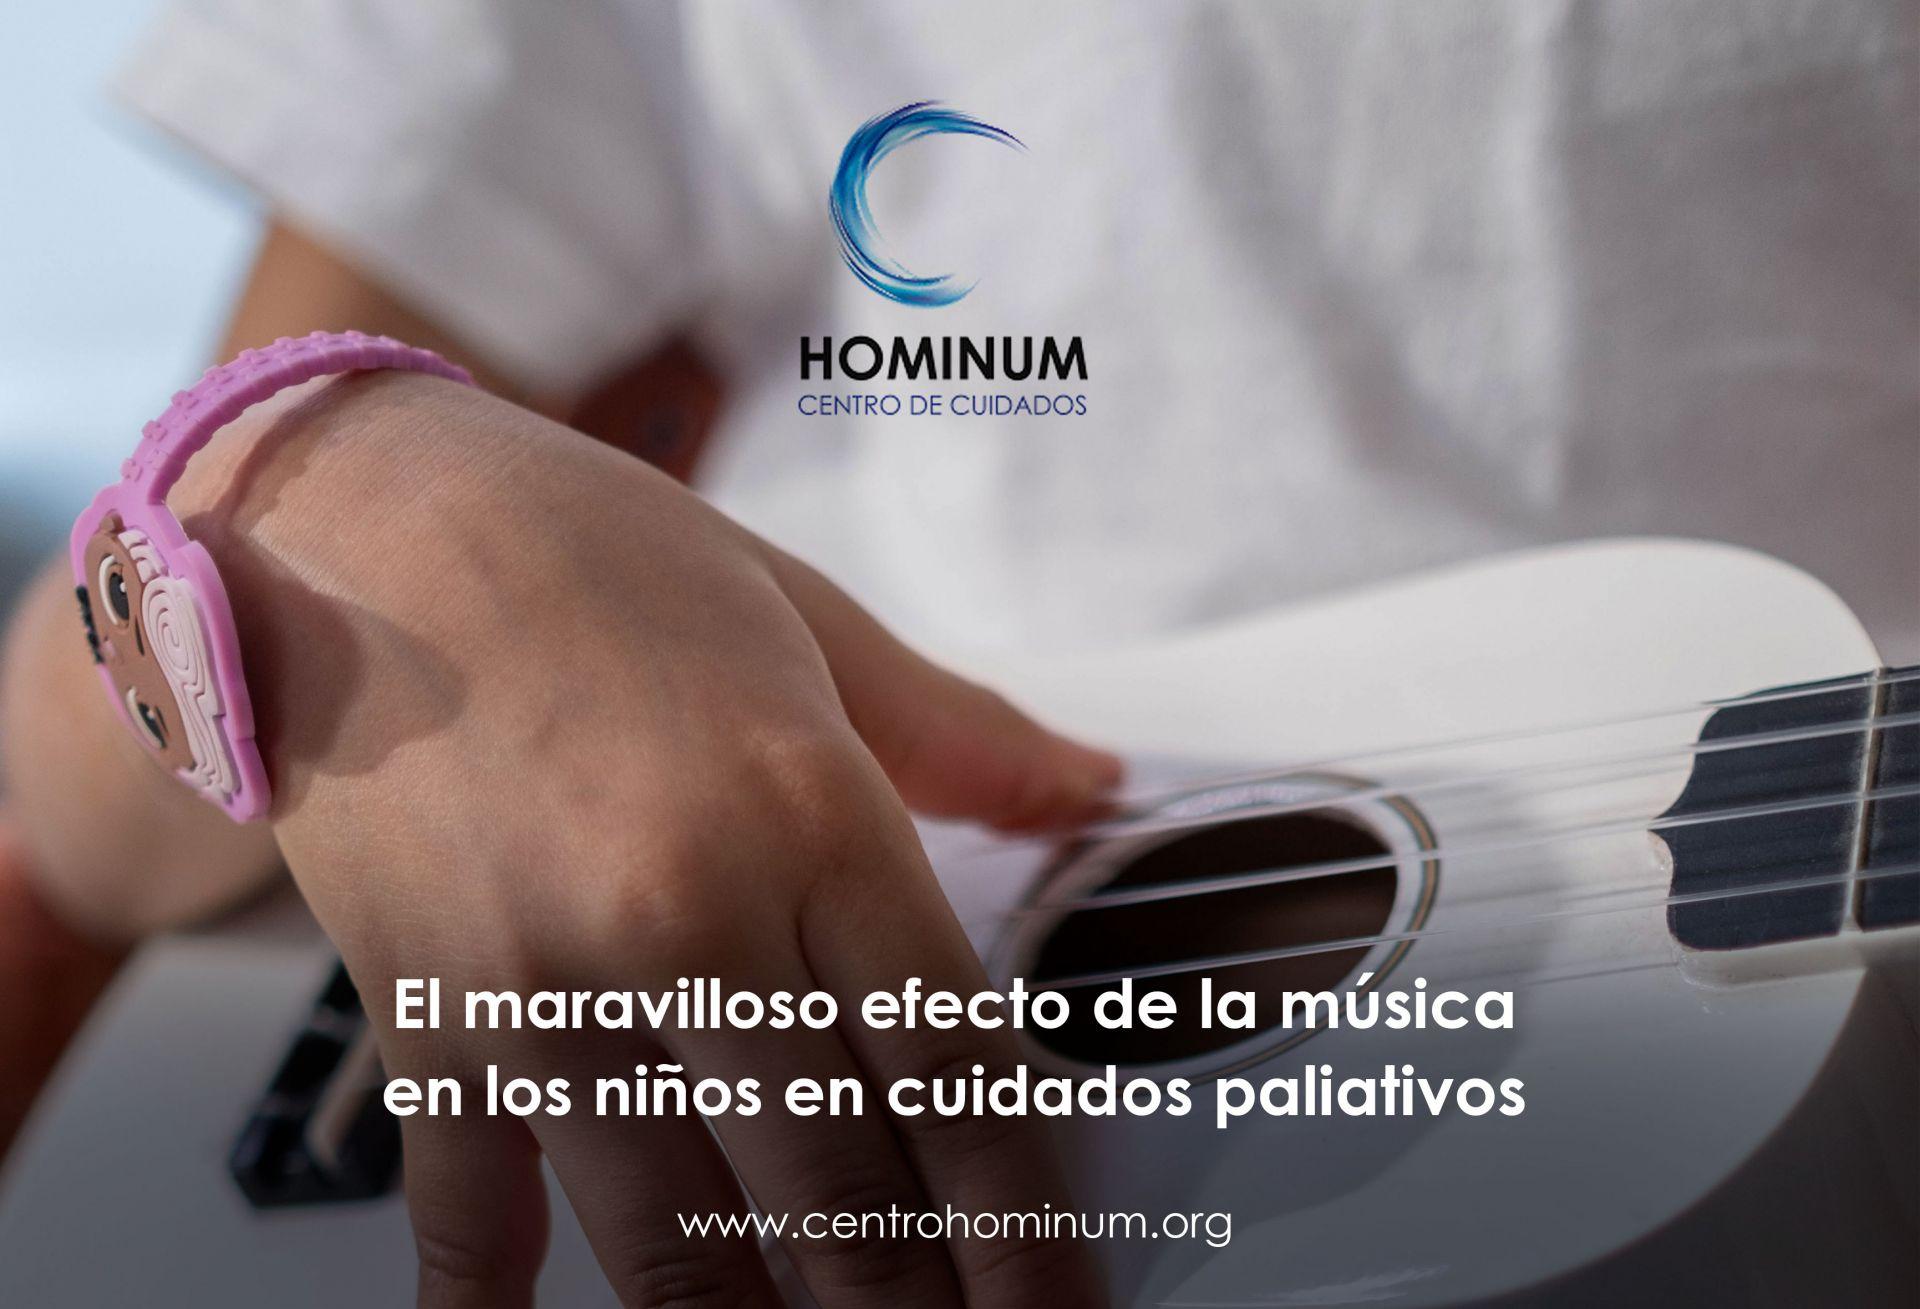 El maravilloso efecto de la música en los niños en cuidados paliativos